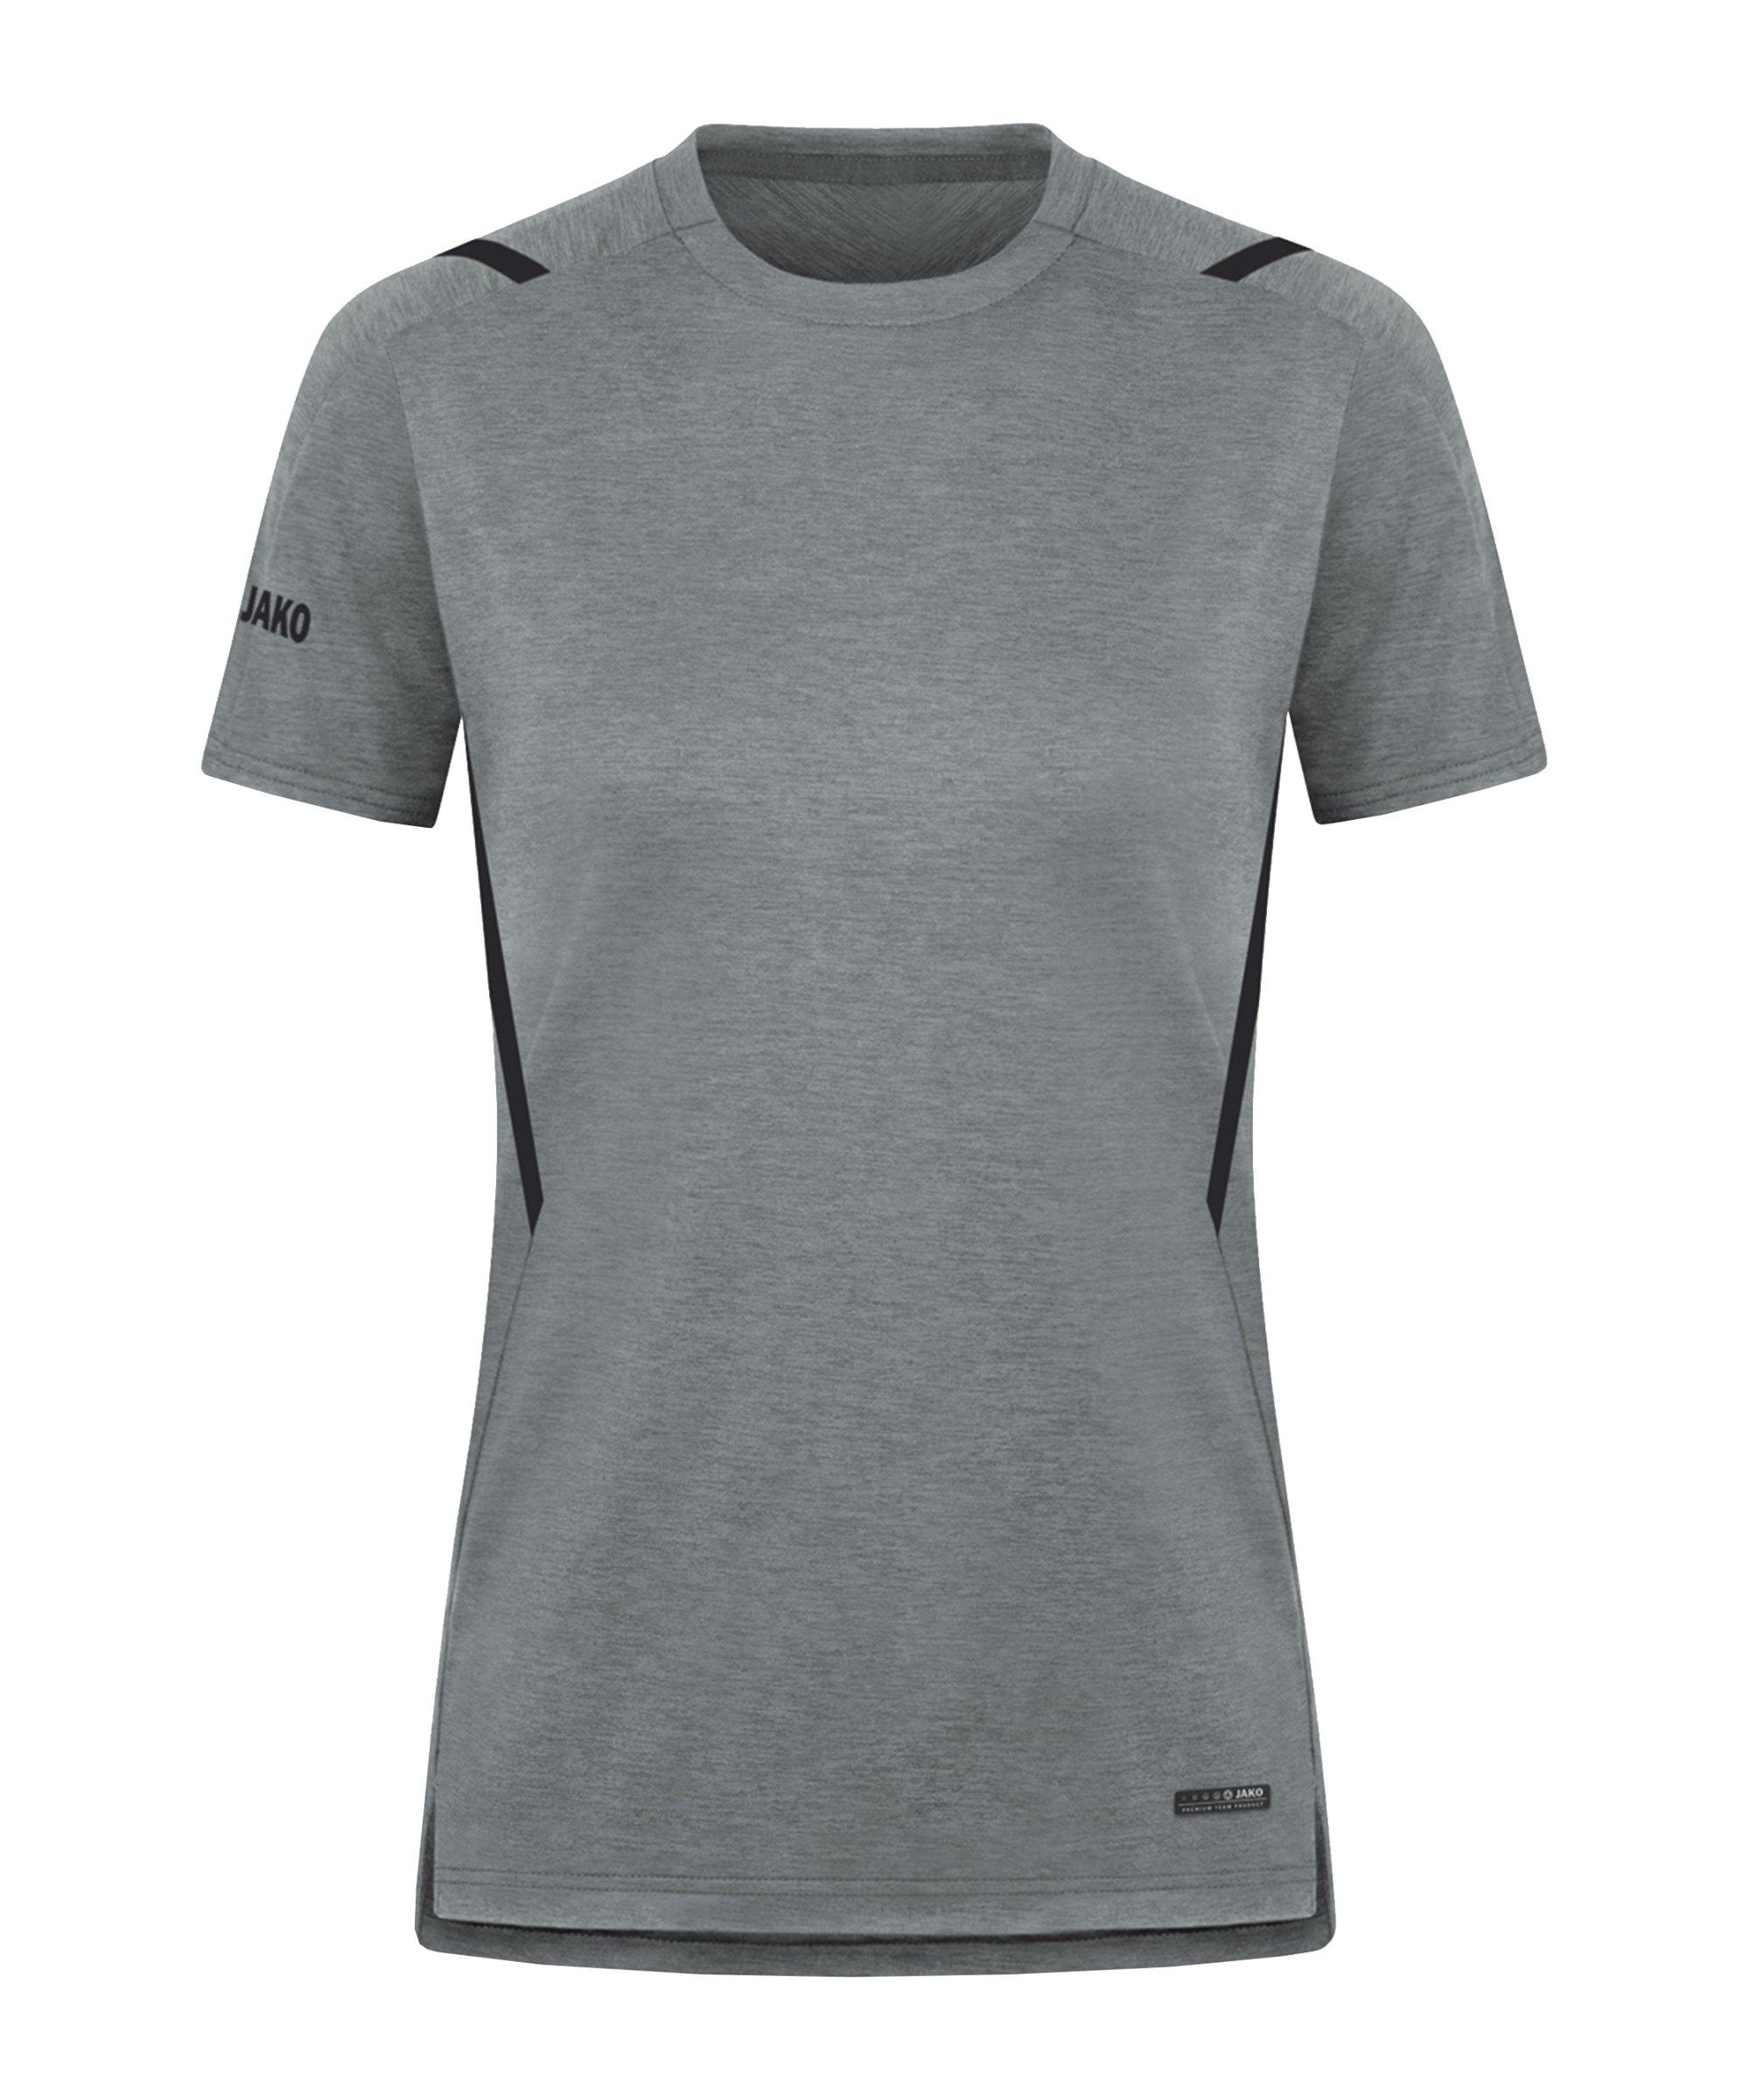 JAKO Challenge Freizeit T-Shirt Damen F531 - grau